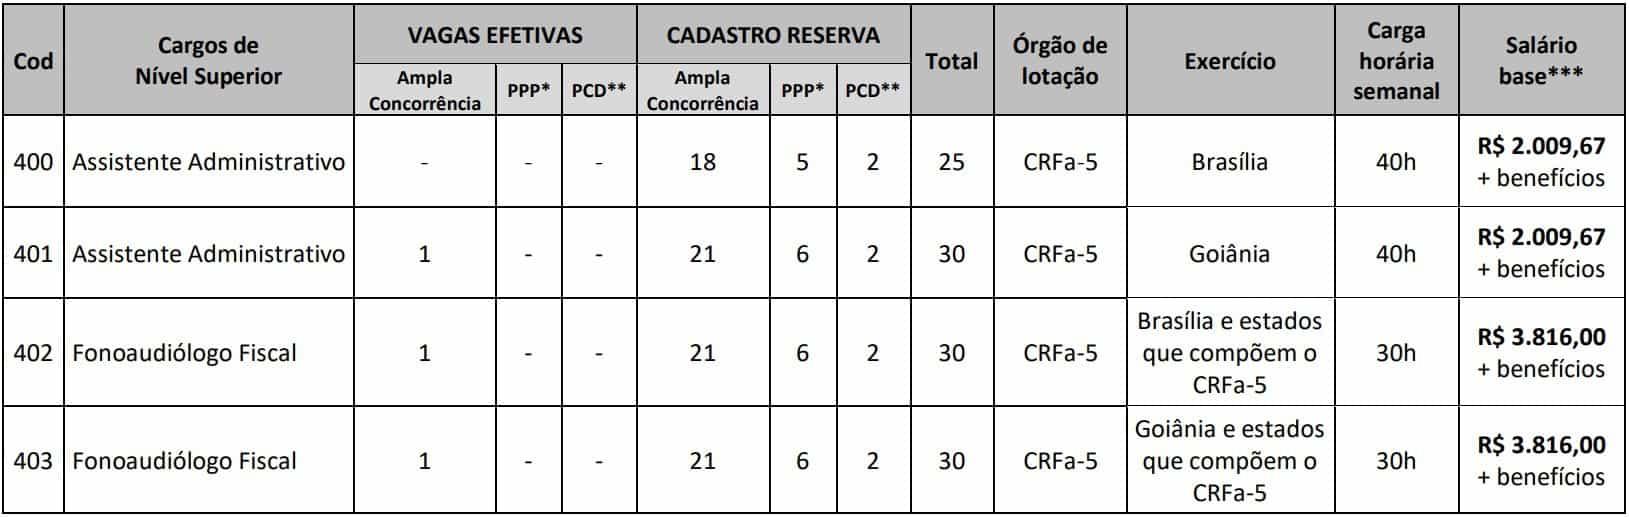 cargos nivel superior concurso crefono 5 - Concurso Crefono 5 (CRFa): Inscrições Abertas! Vagas em Brasília e Goiânia